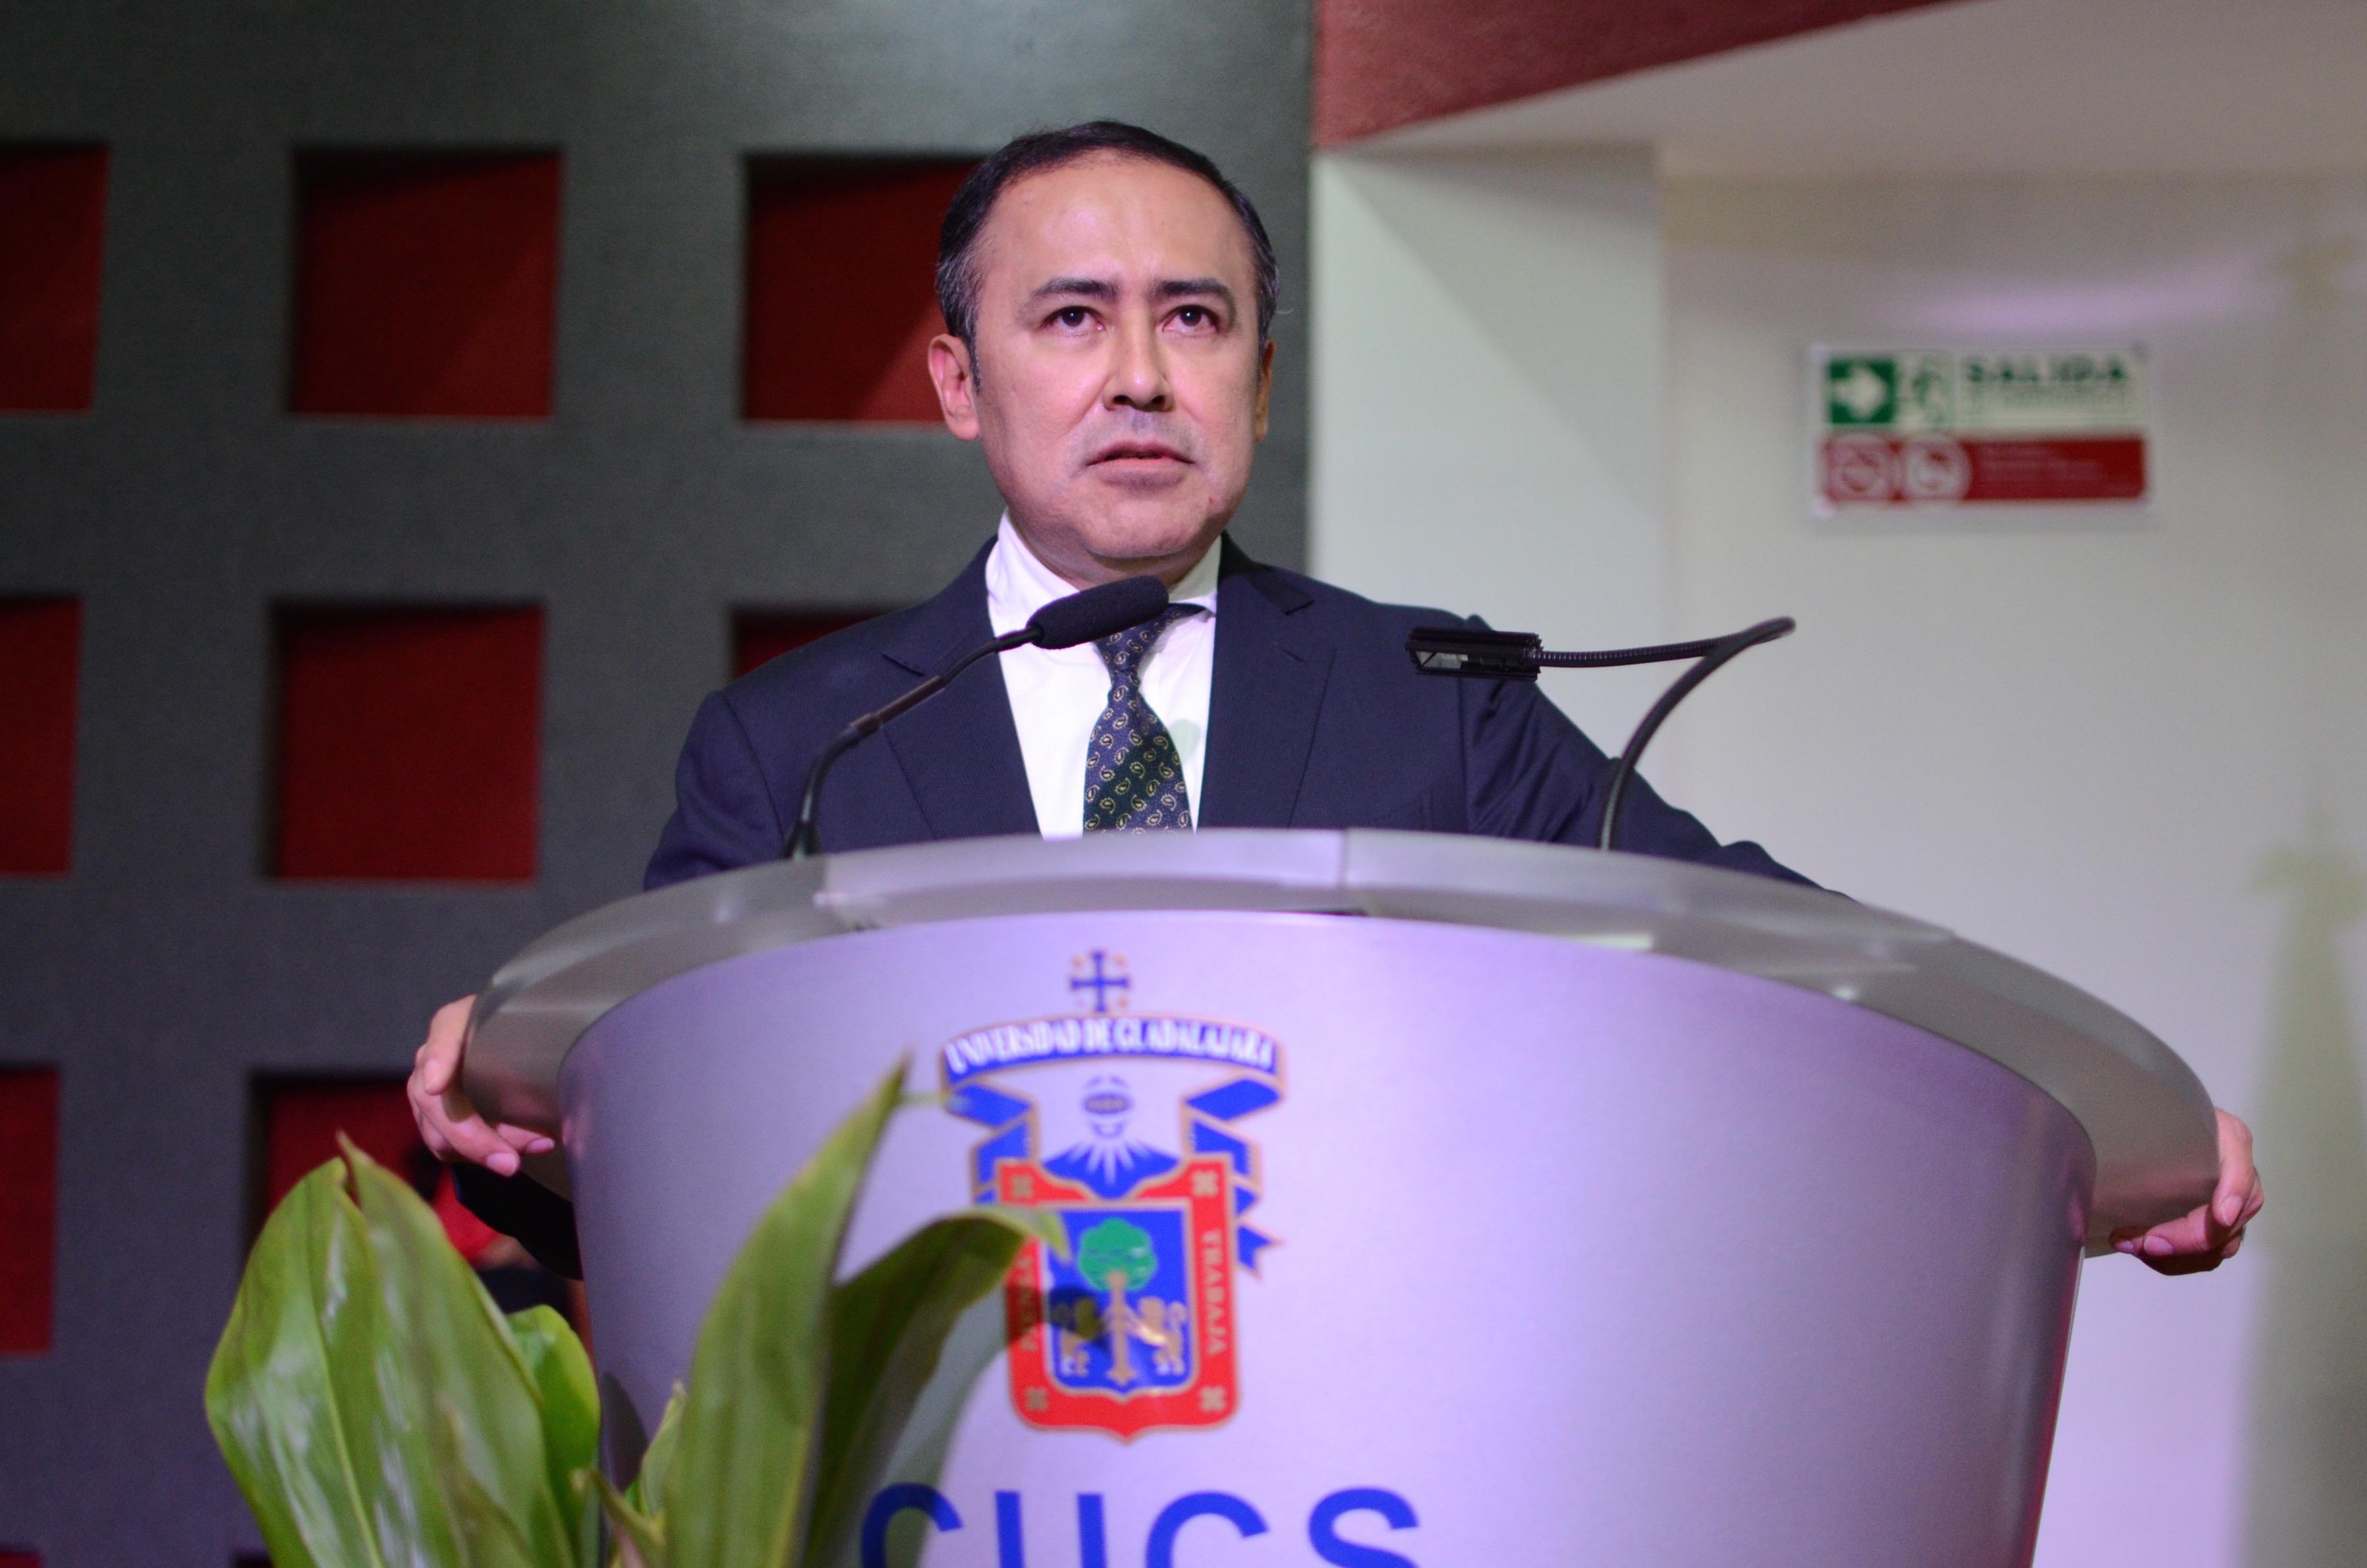 Dr. Jaime Andrade Villanueva ofreciendo su discurso